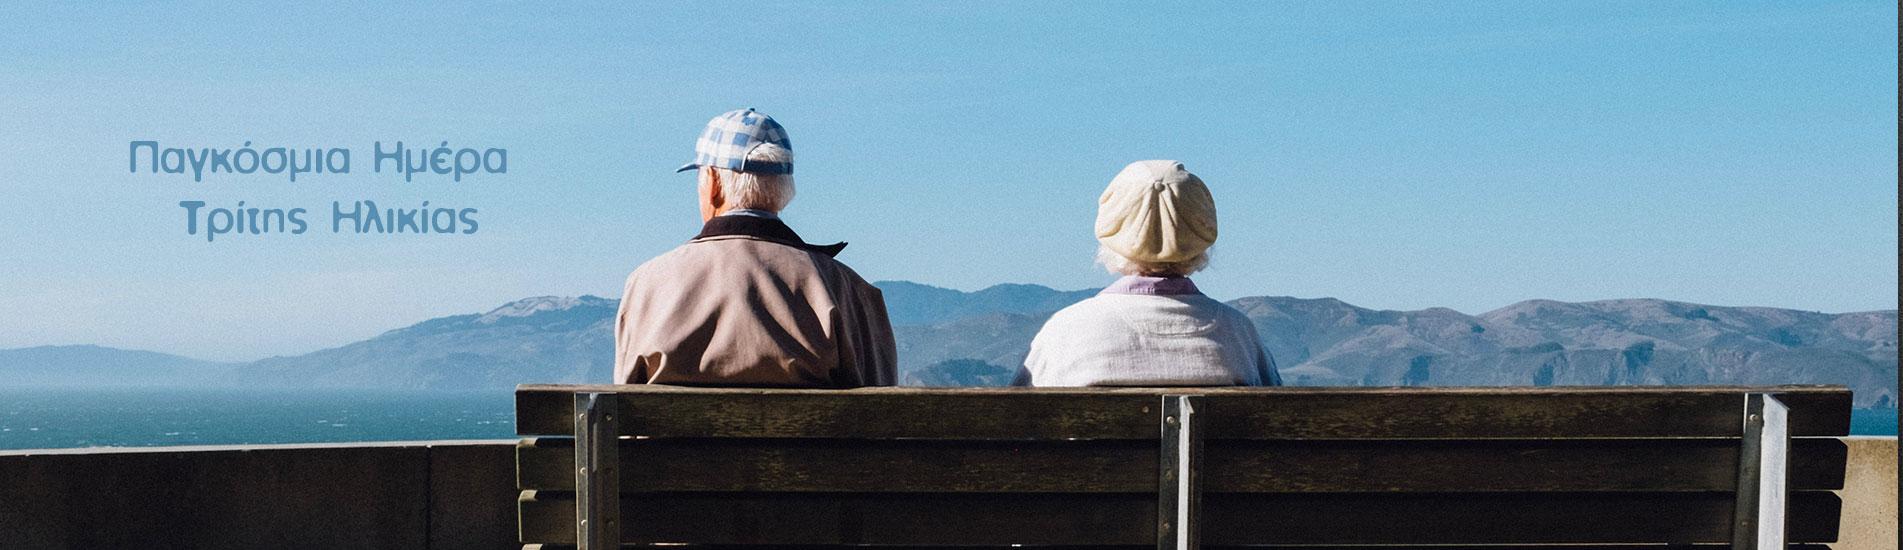 1η Οκτωβρίου – Παγκόσμια Ημέρα Τρίτης Ηλικίας – Ο πληθυσμός…γηράσκει